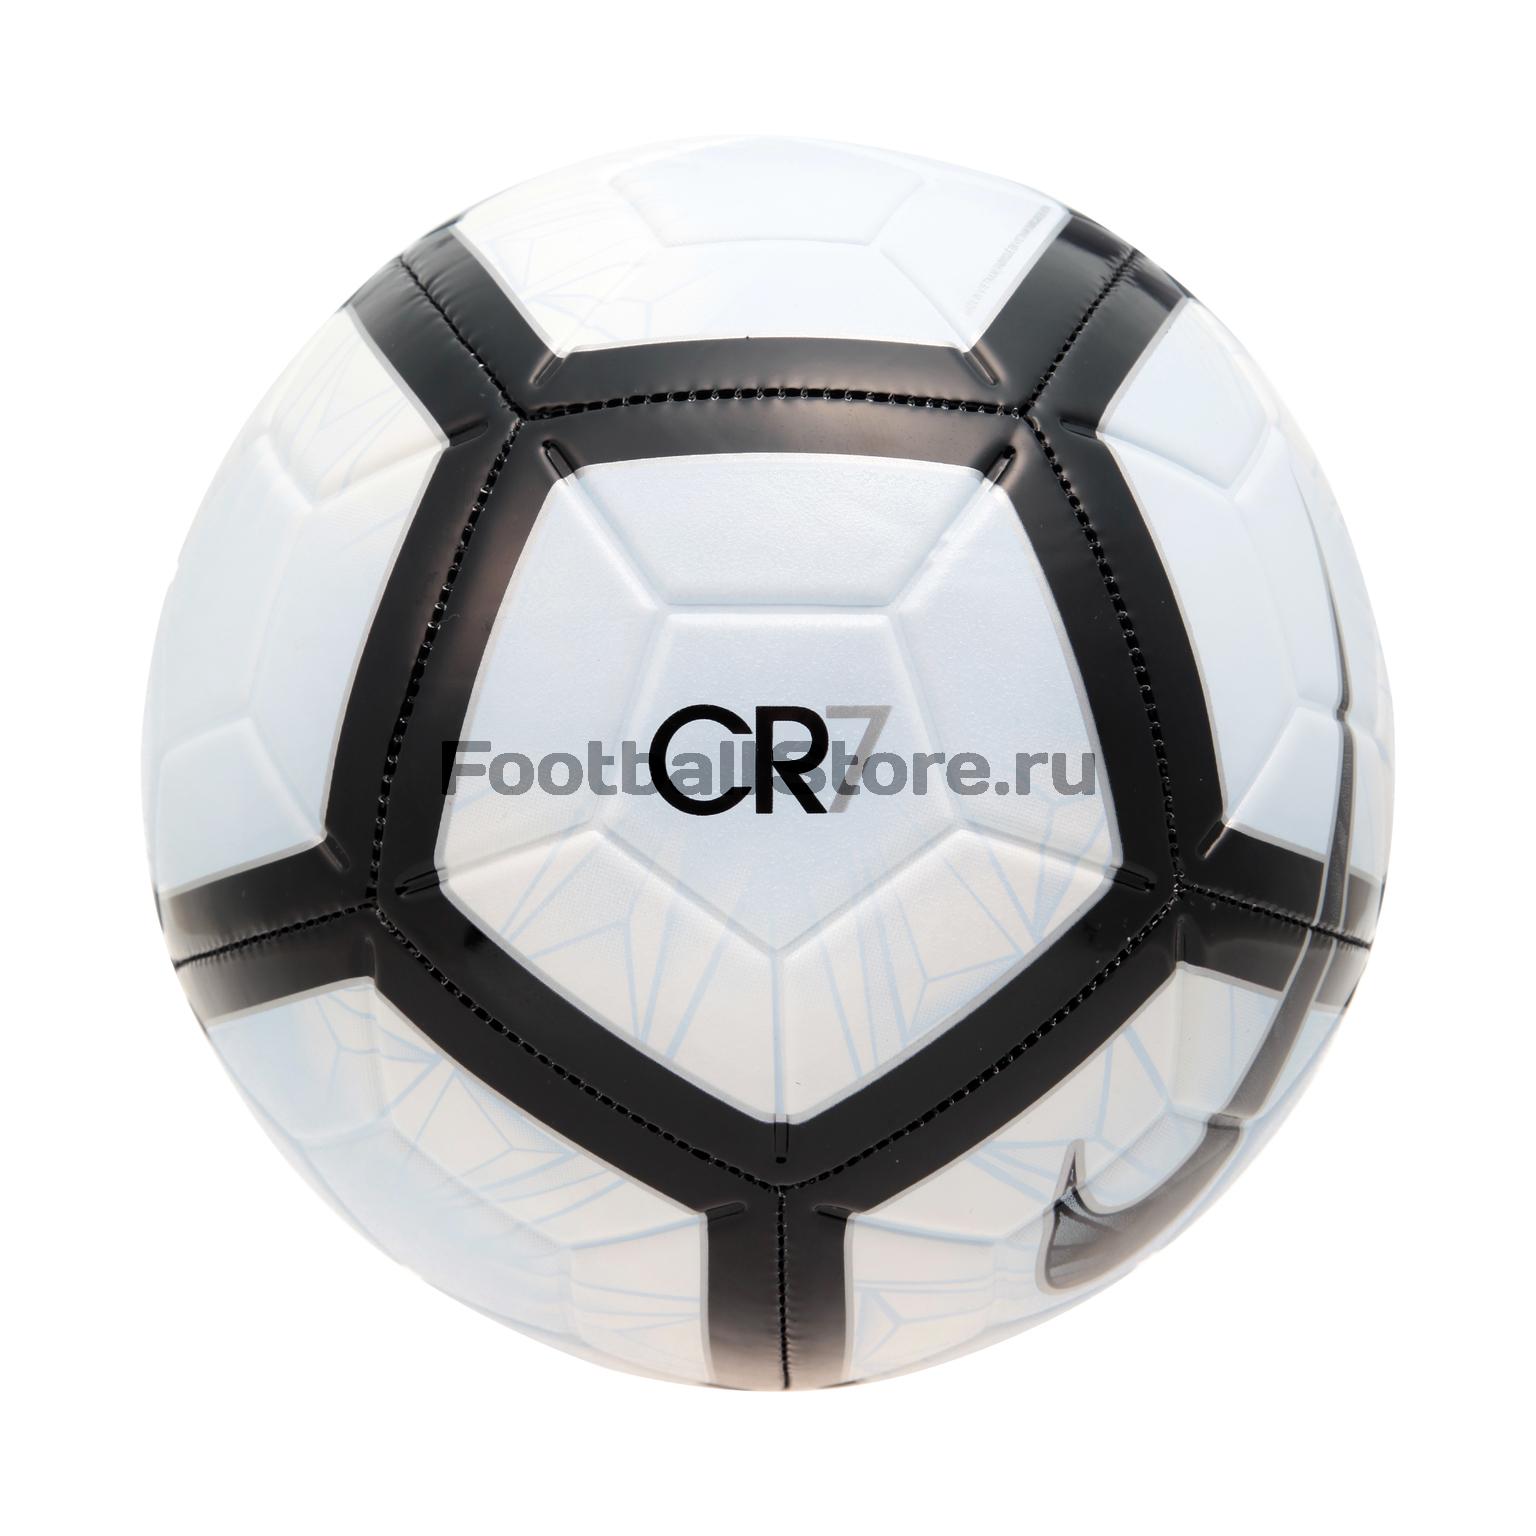 Классические Nike Мяч Nike CR7 SC3258-100